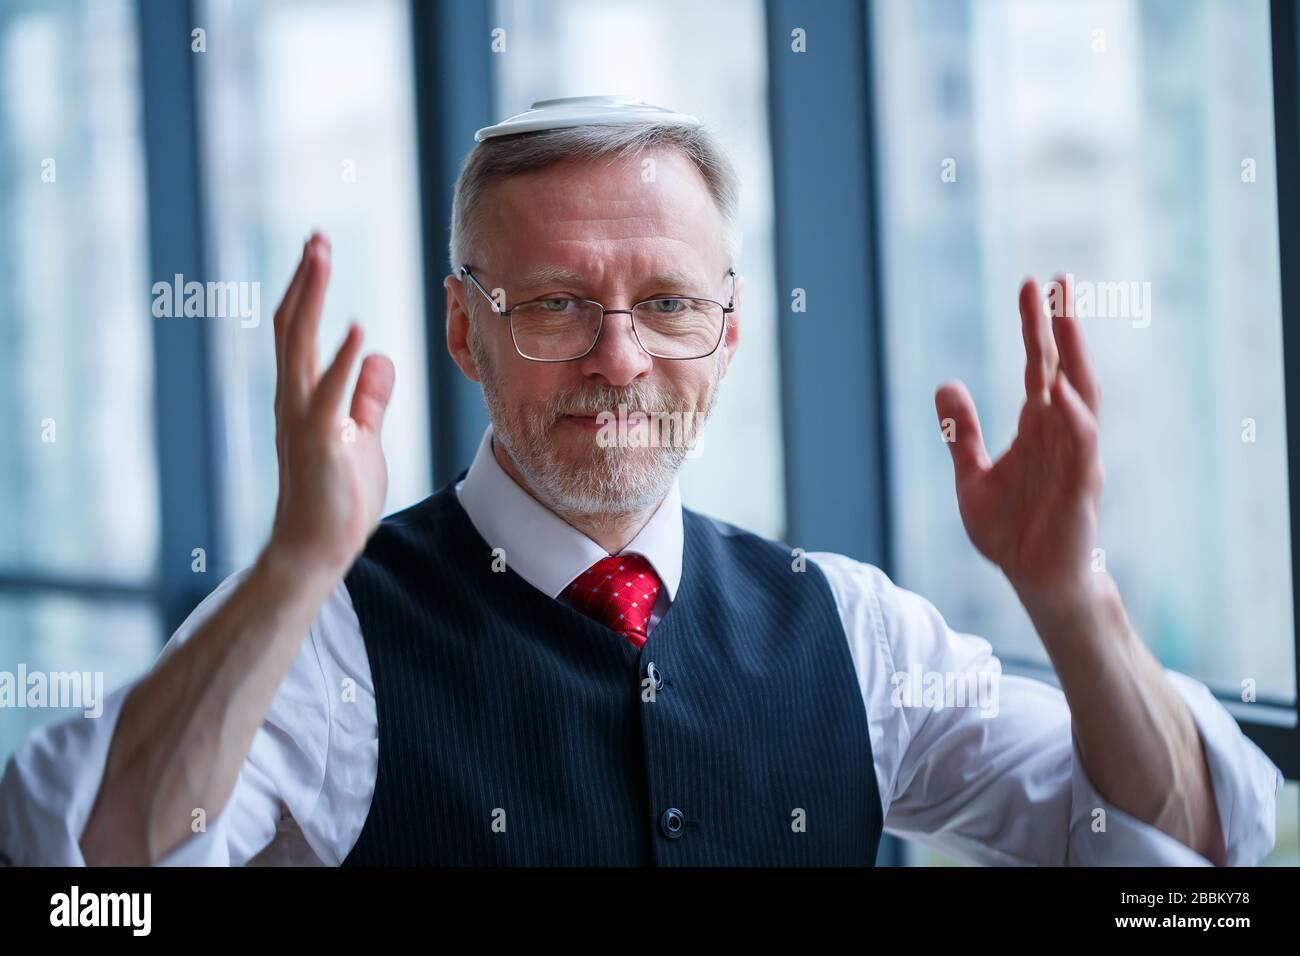 Sourire heureux directeur général pense à son développement de carrière réussi alors que se tient dans son bureau près de l'arrière-plan d'une fenêtre avec copie sp Banque D'Images